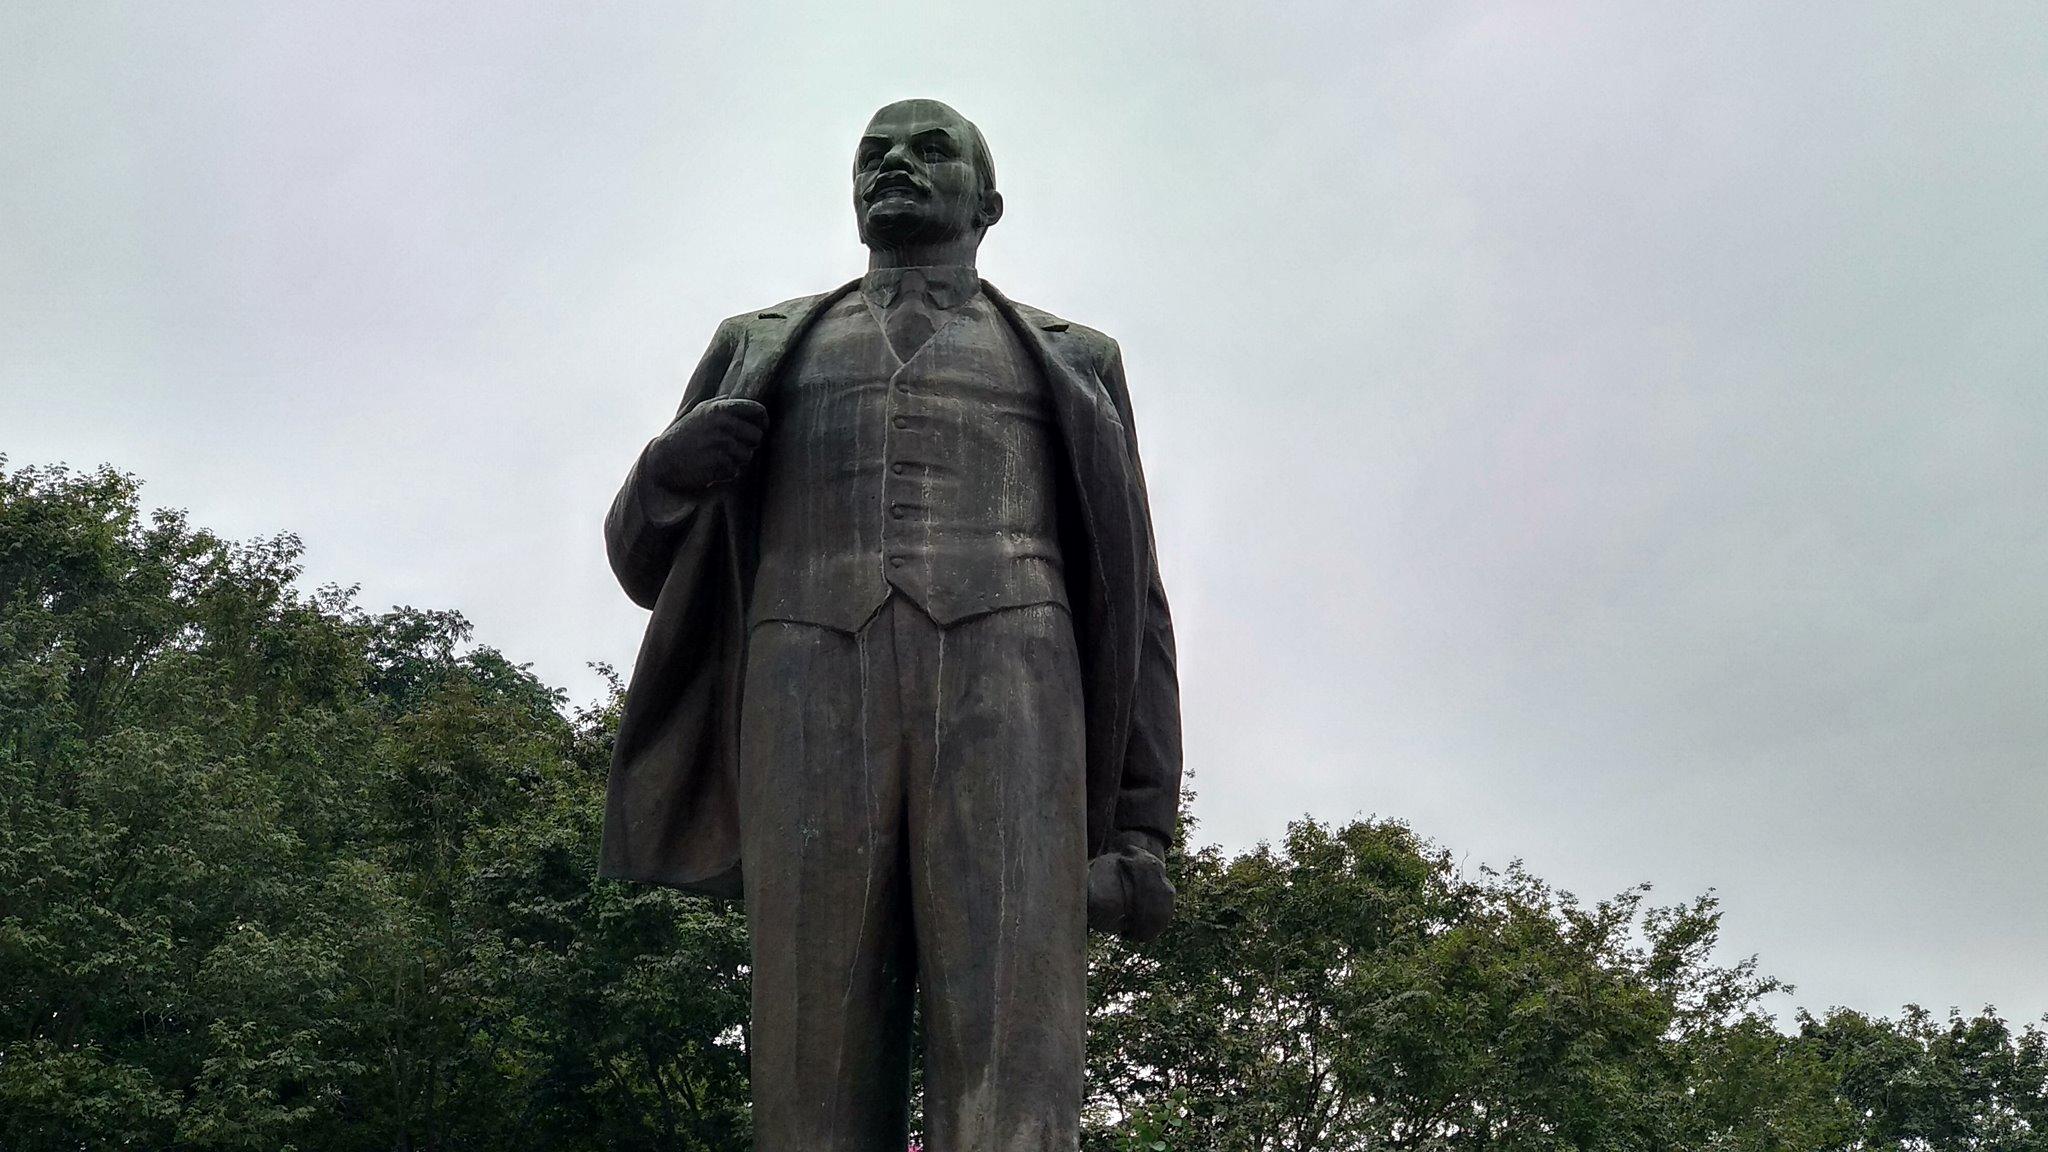 Pomnik Lenina w Hanoi w Wietnamie